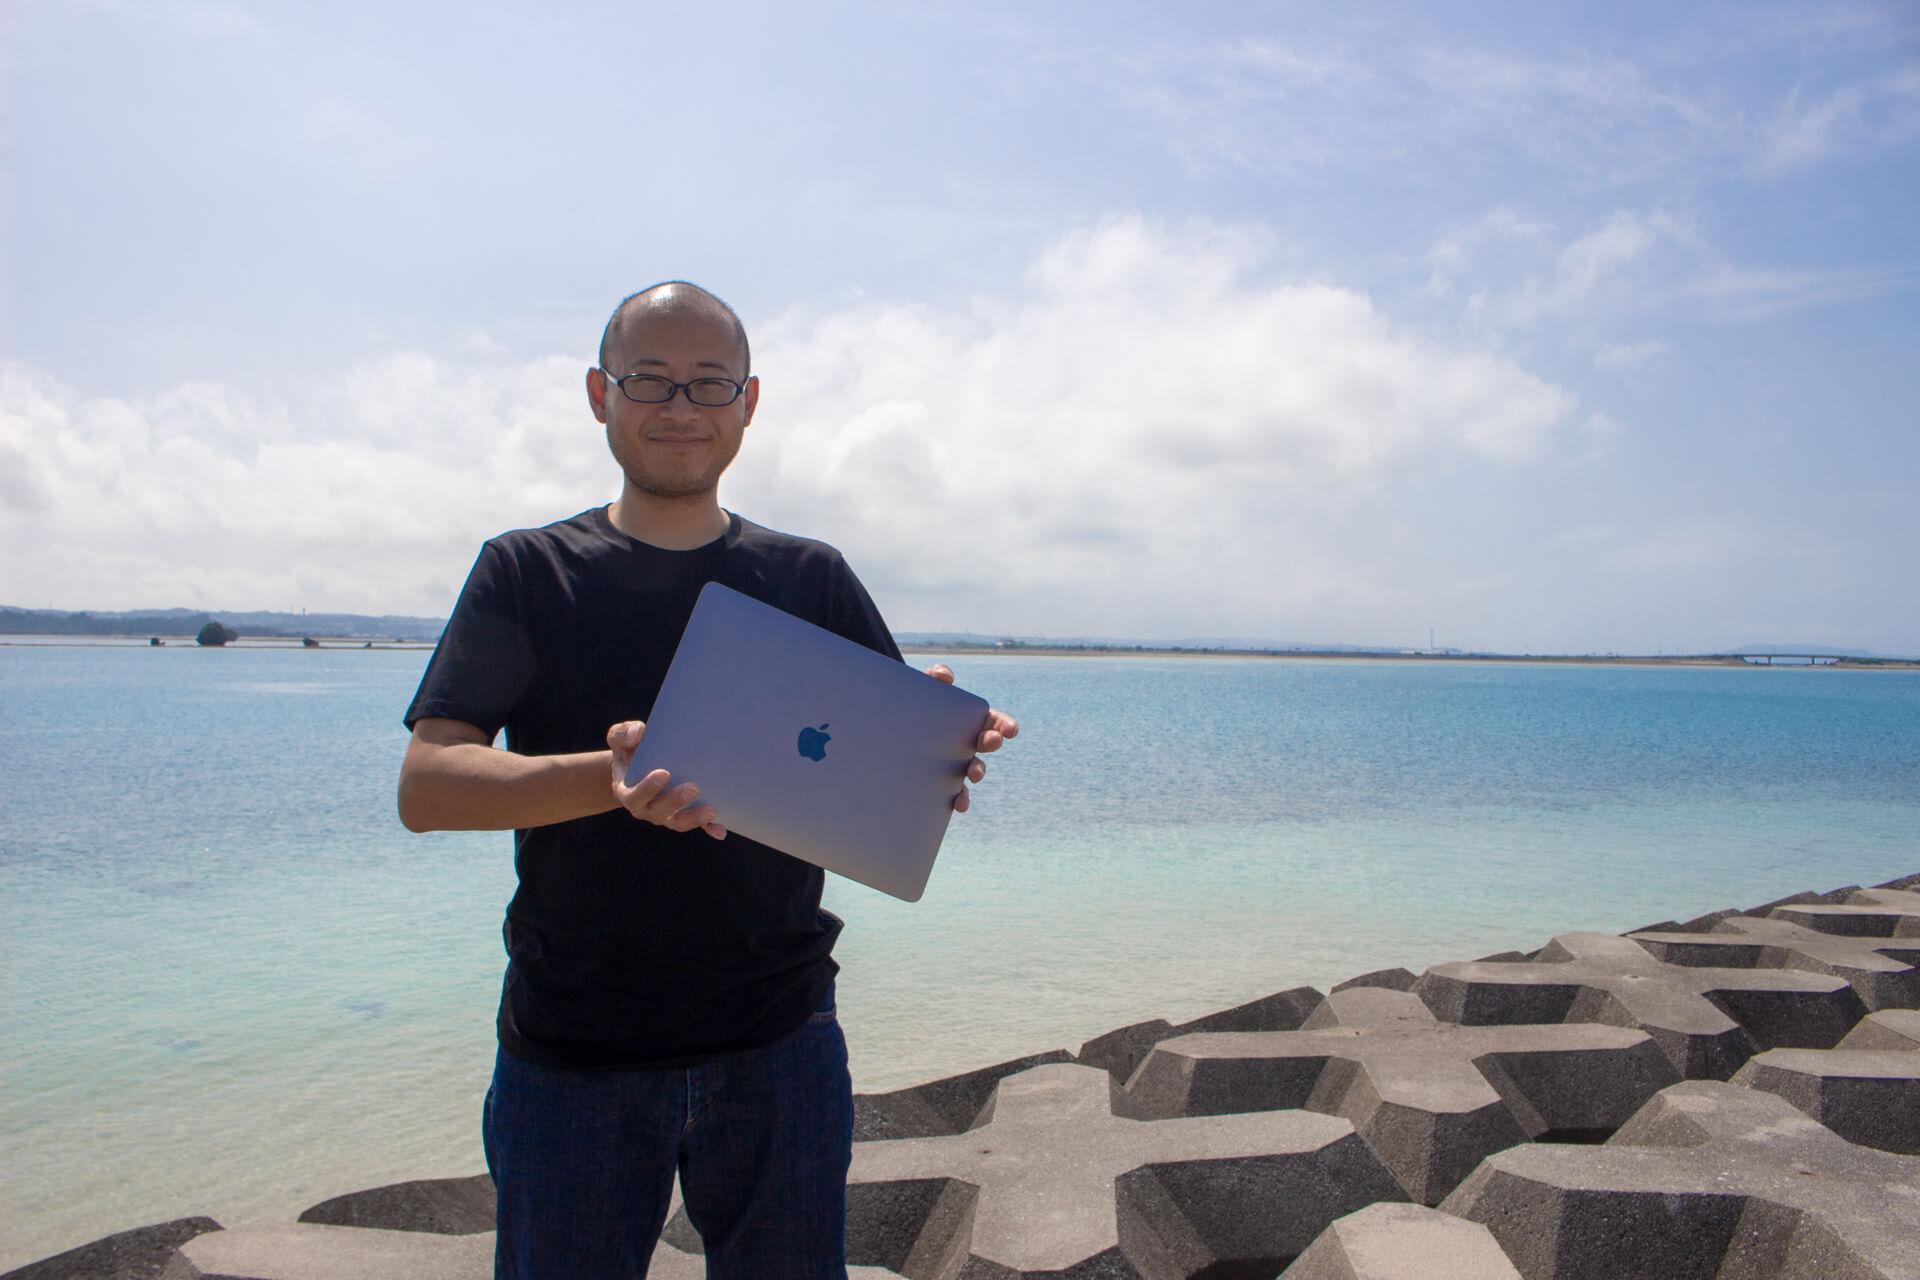 ヒトは海から生まれたではMacBookは?と問うたかひろ